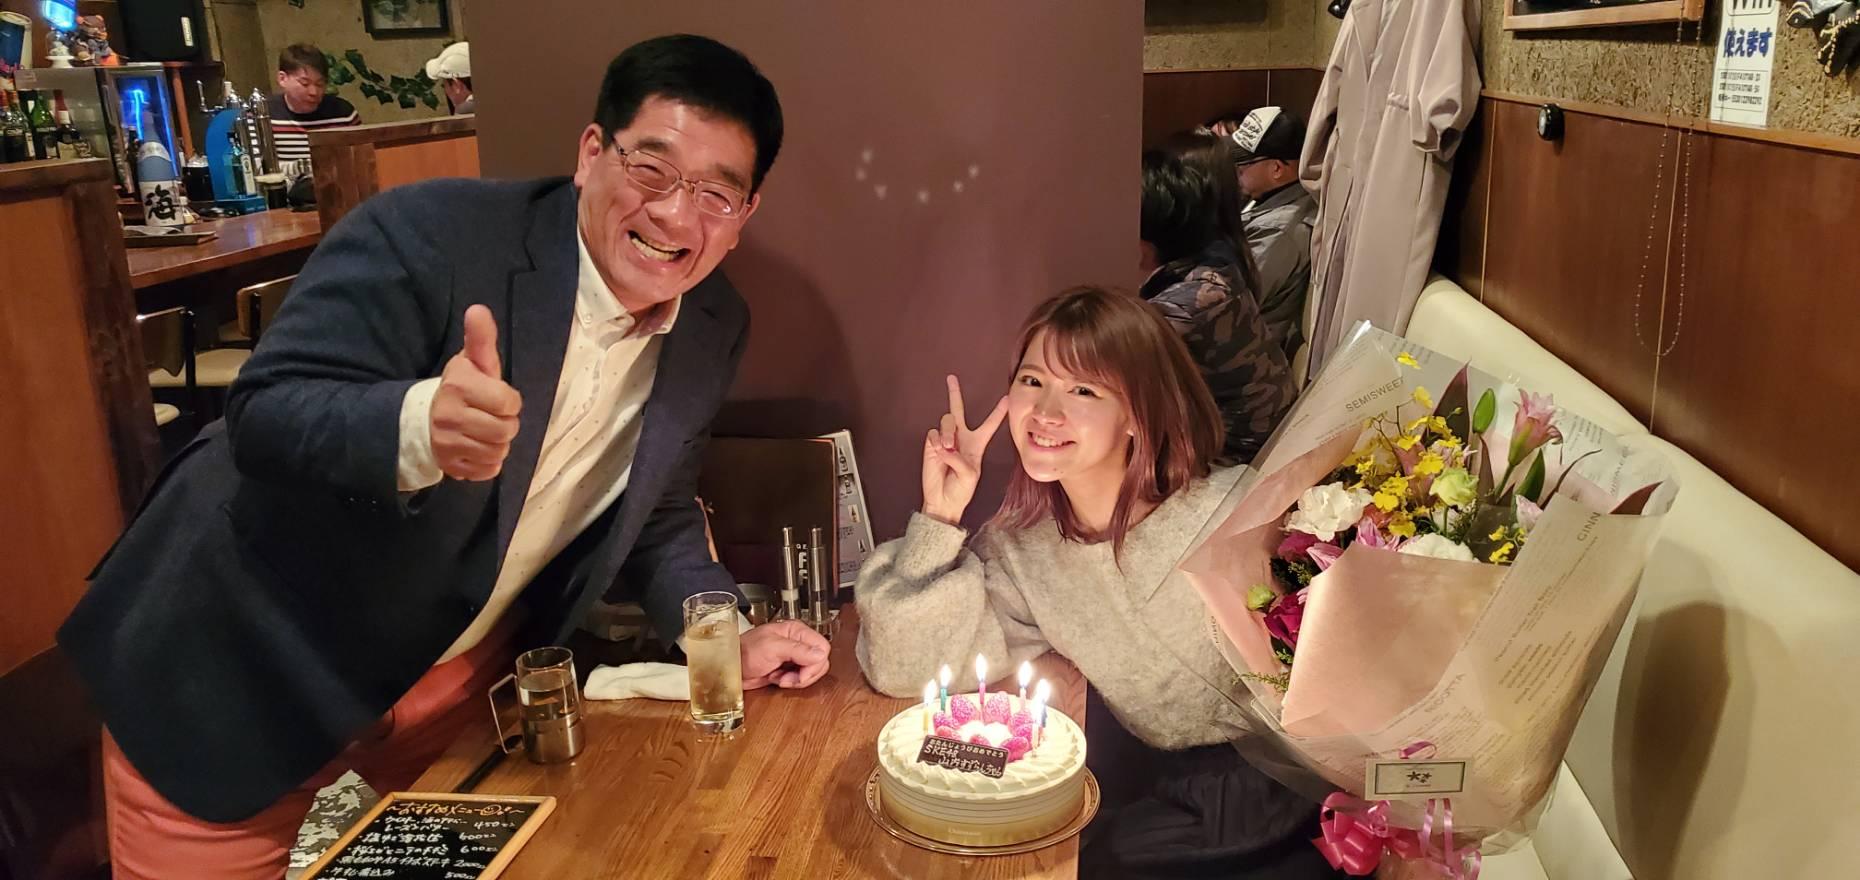 SKE48 山内 鈴蘭さん いわむらカントリークラブ会員になられました。